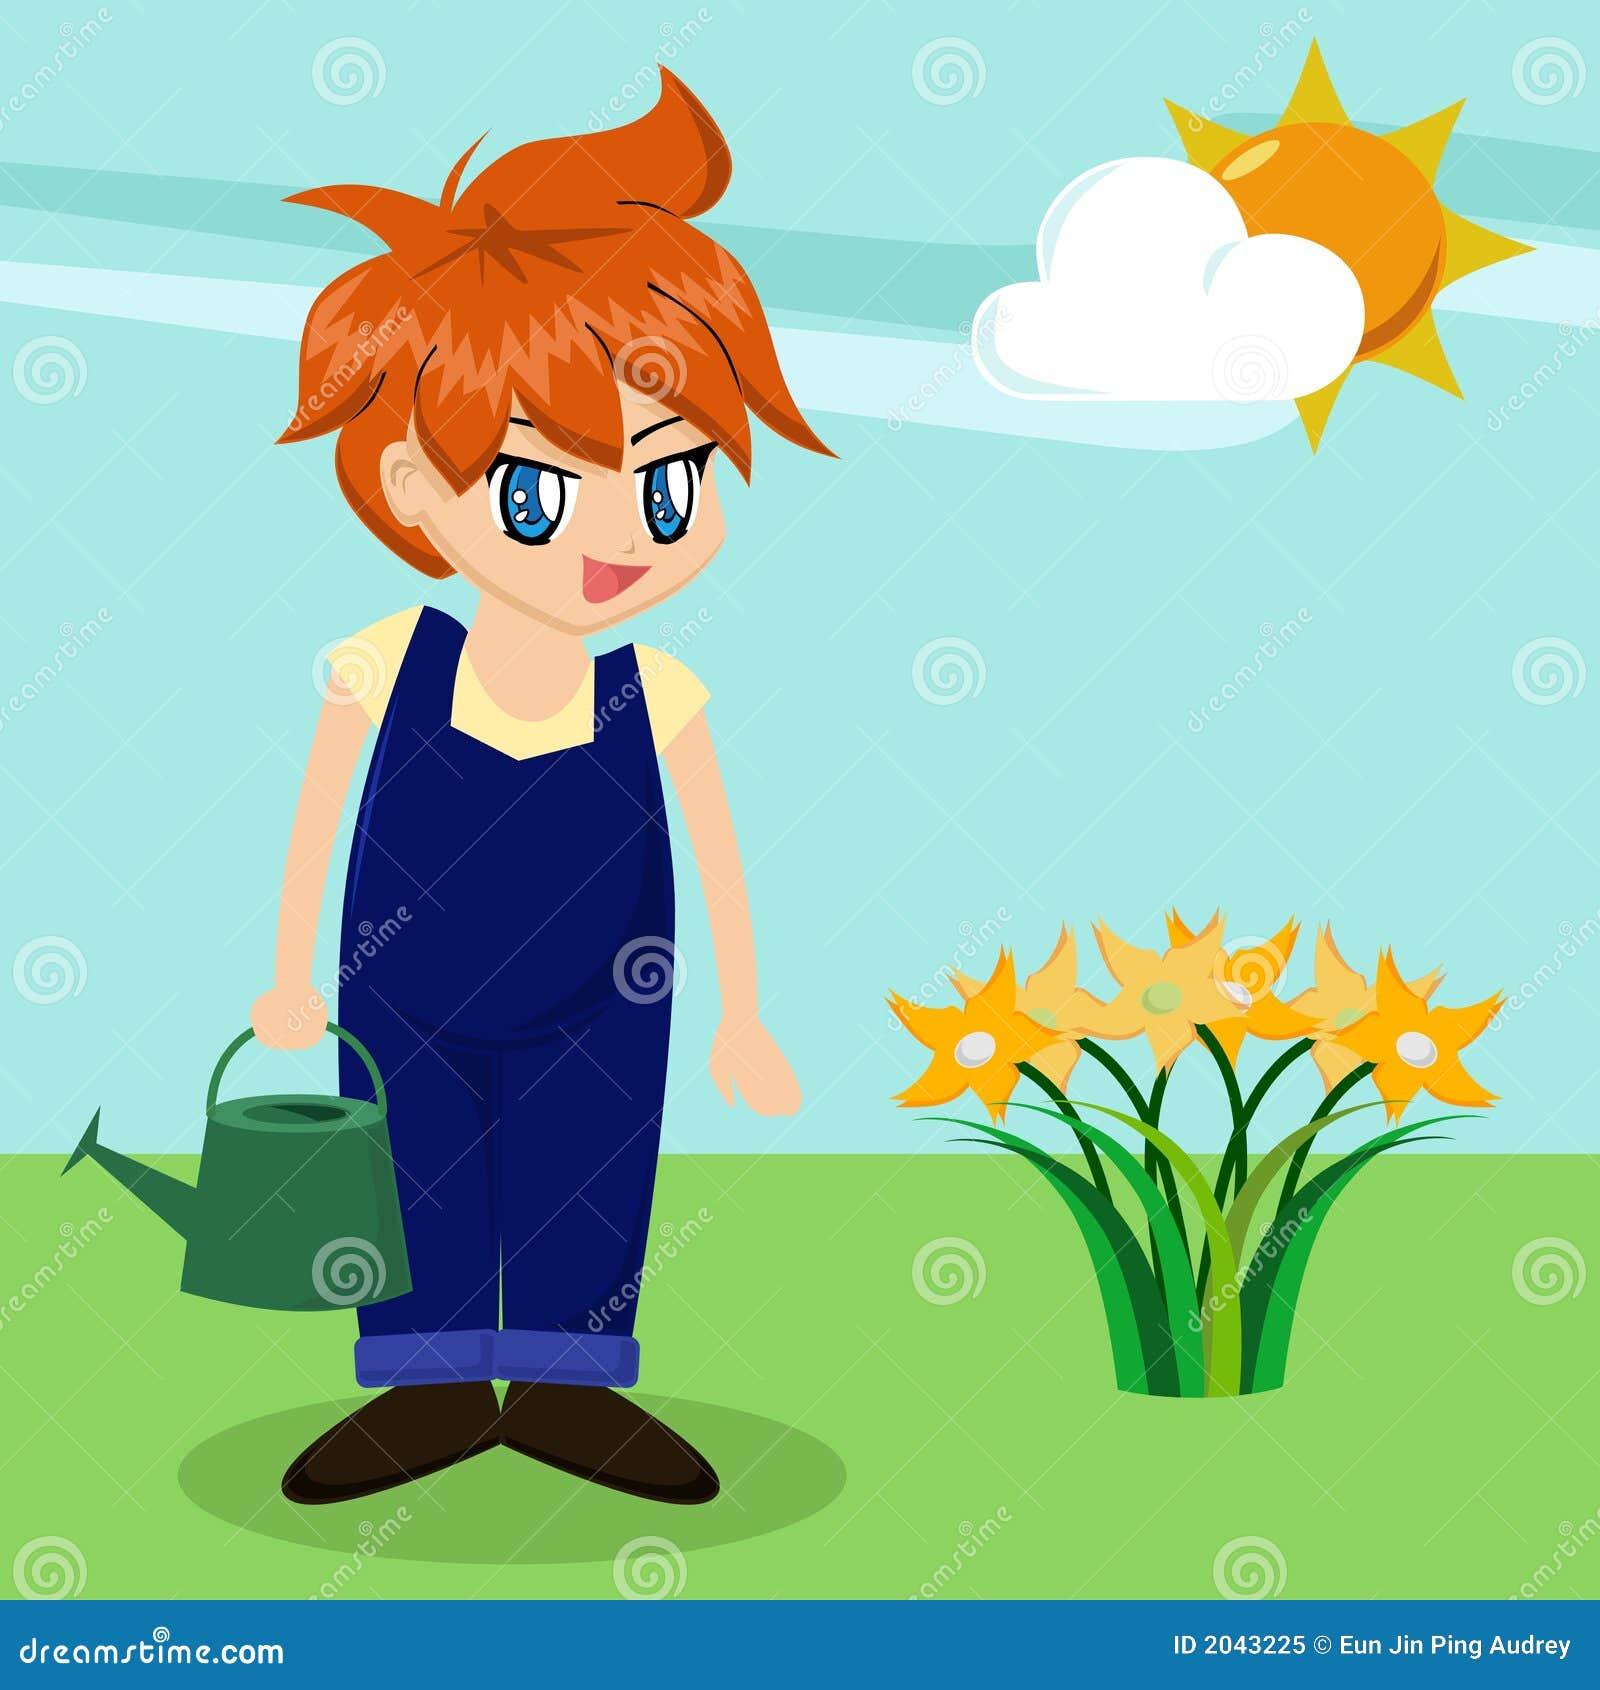 Garden Cute Cartoon: Cute Cartoon Boy In Garden Royalty Free Stock Photo